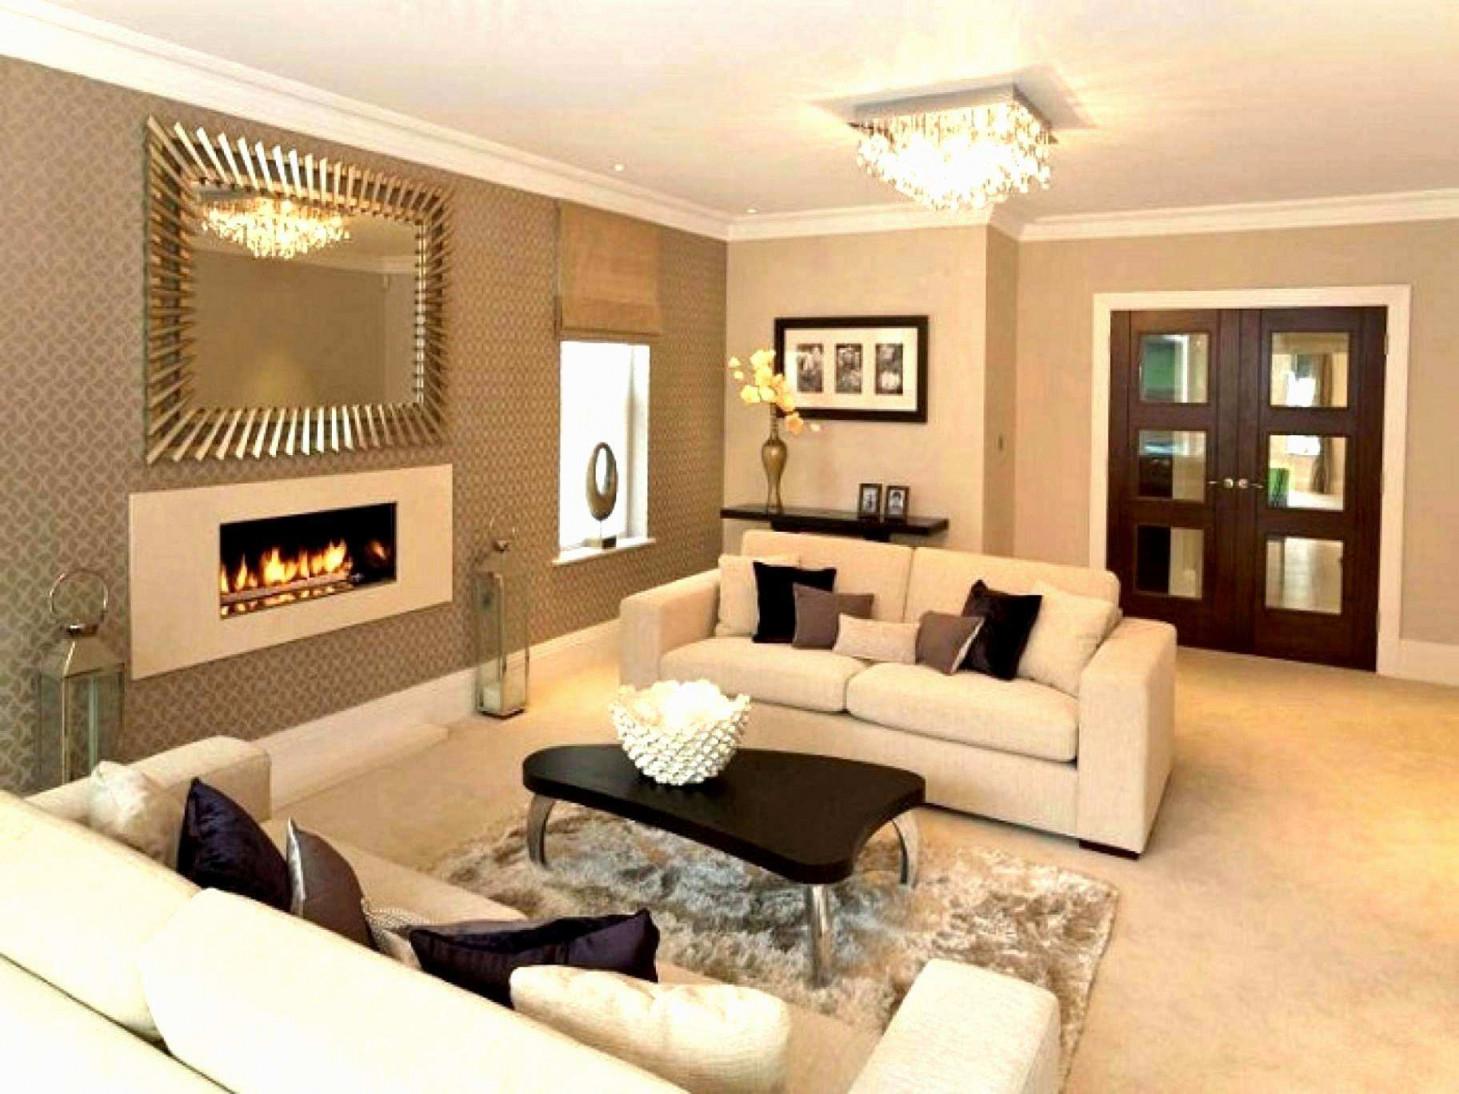 Wohnzimmer Neu Gestalten Luxus Fresh Wohnzimmer Neu von Wohnzimmer Neu Einrichten Photo